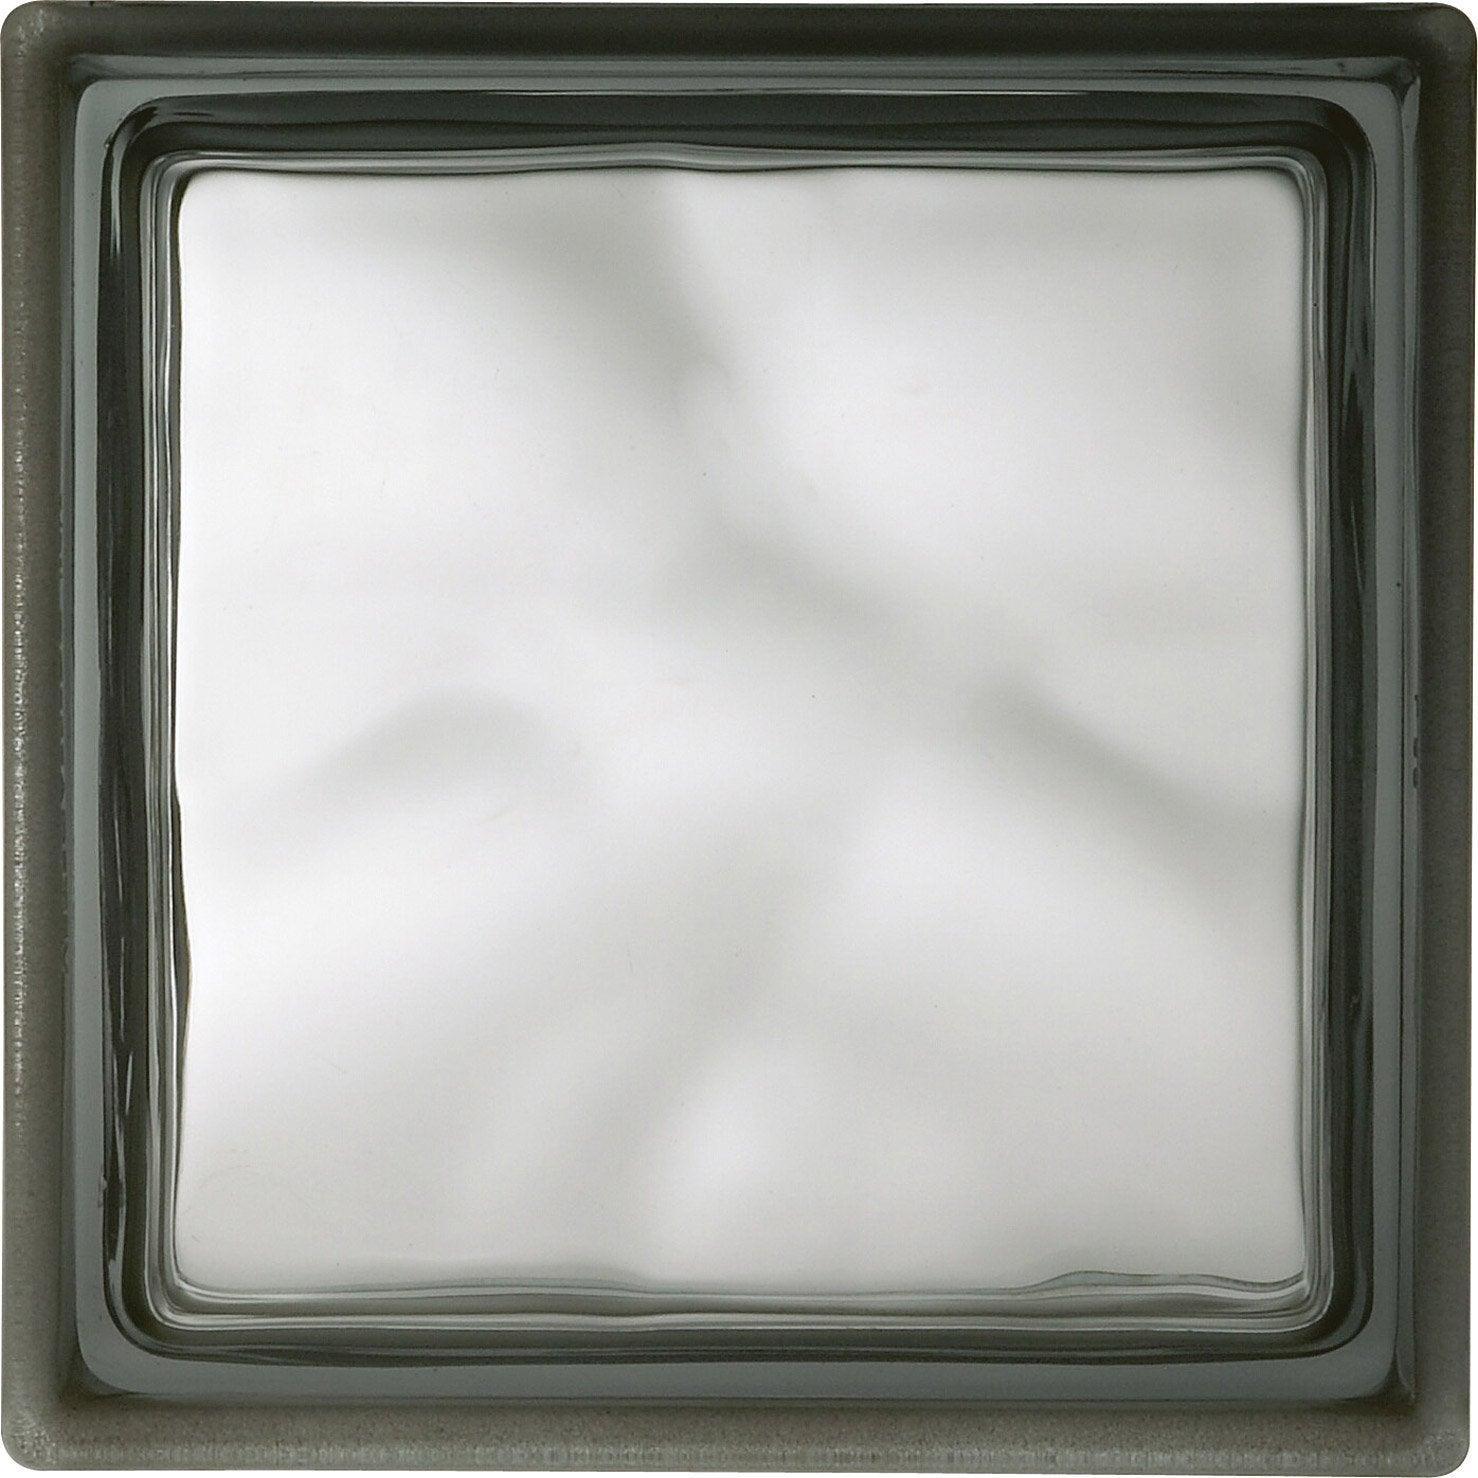 Brique de verre gris ondul brillant leroy merlin - Brique de verre leroy merlin ...